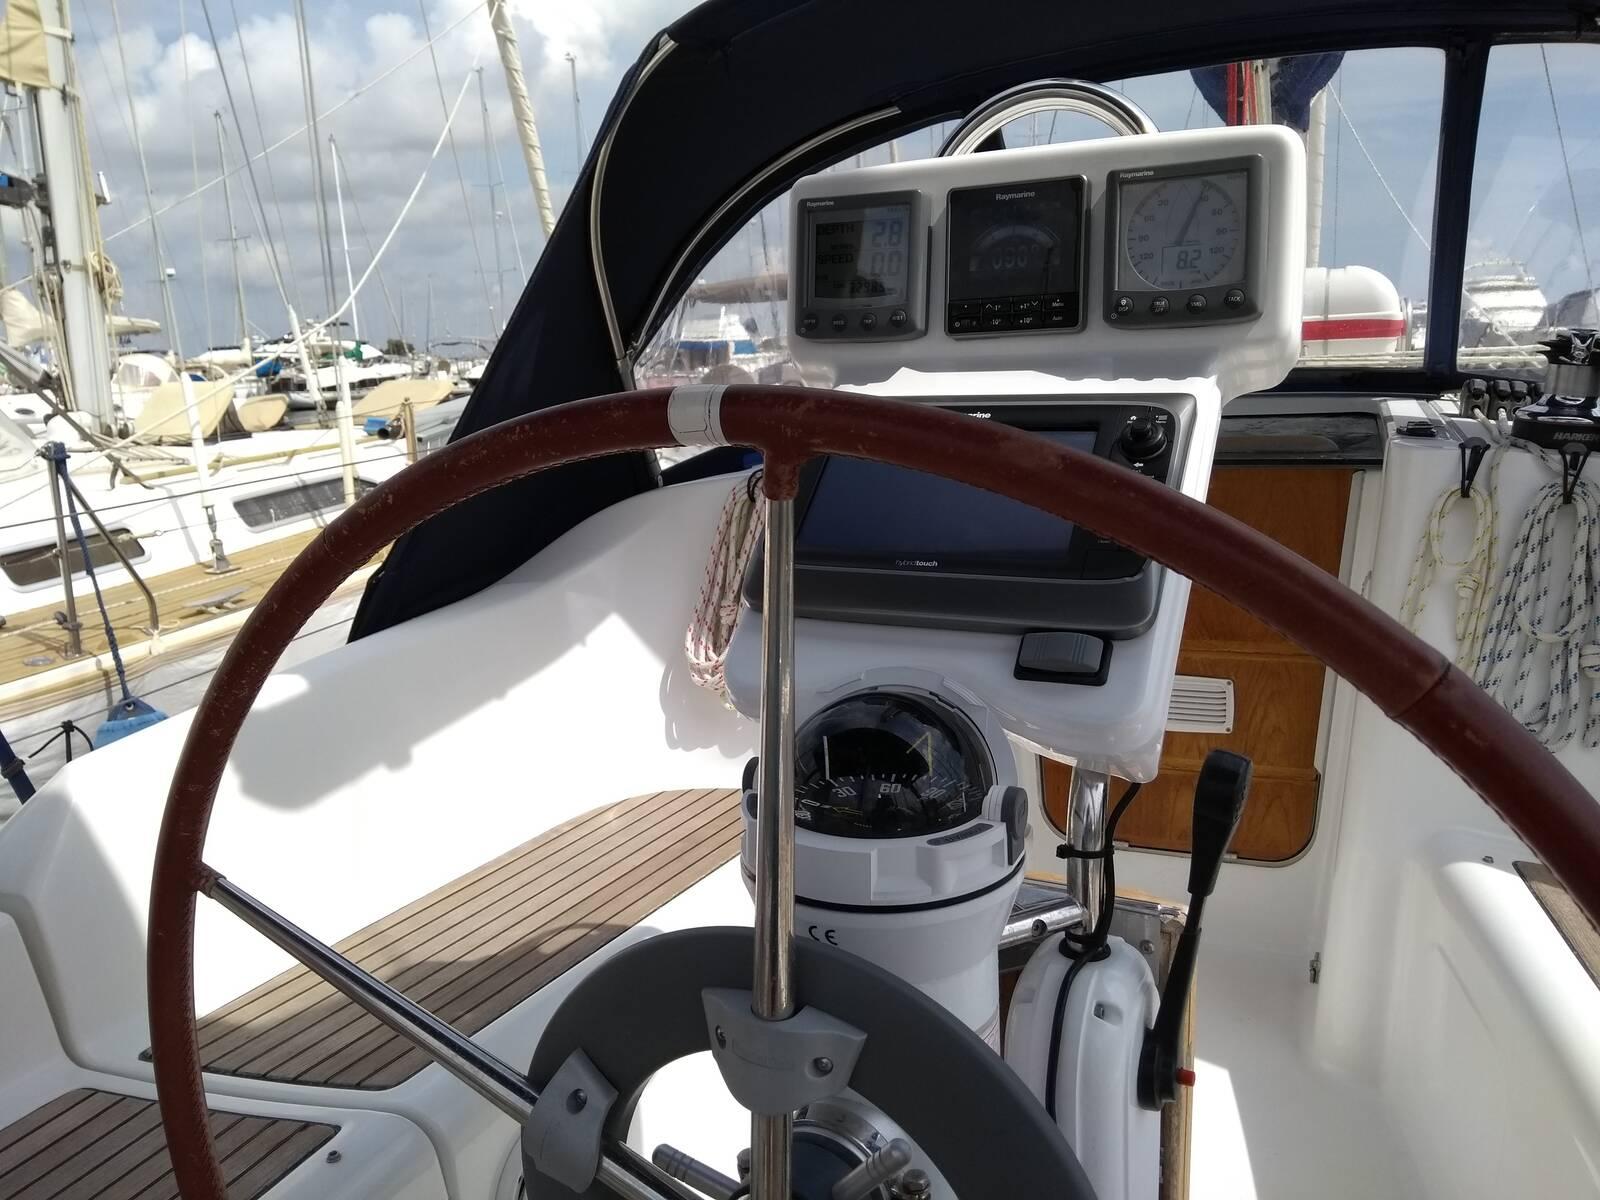 Beneteau Oceanis 343 whell